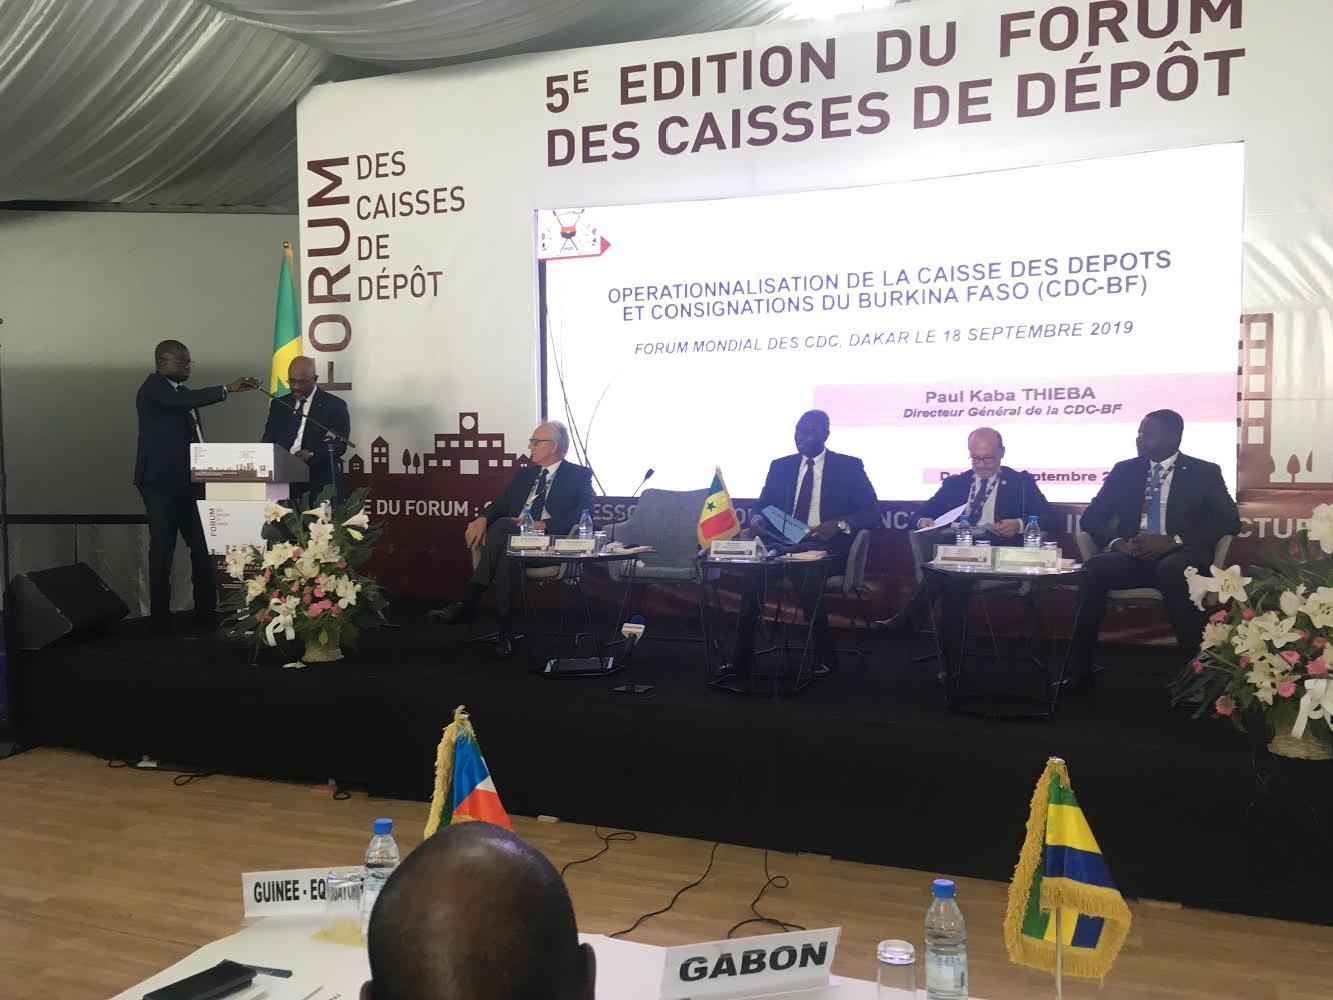 Forum des caisses de dépôt : Les pays africains en synergie pour une meilleure vulgarisation du modèle